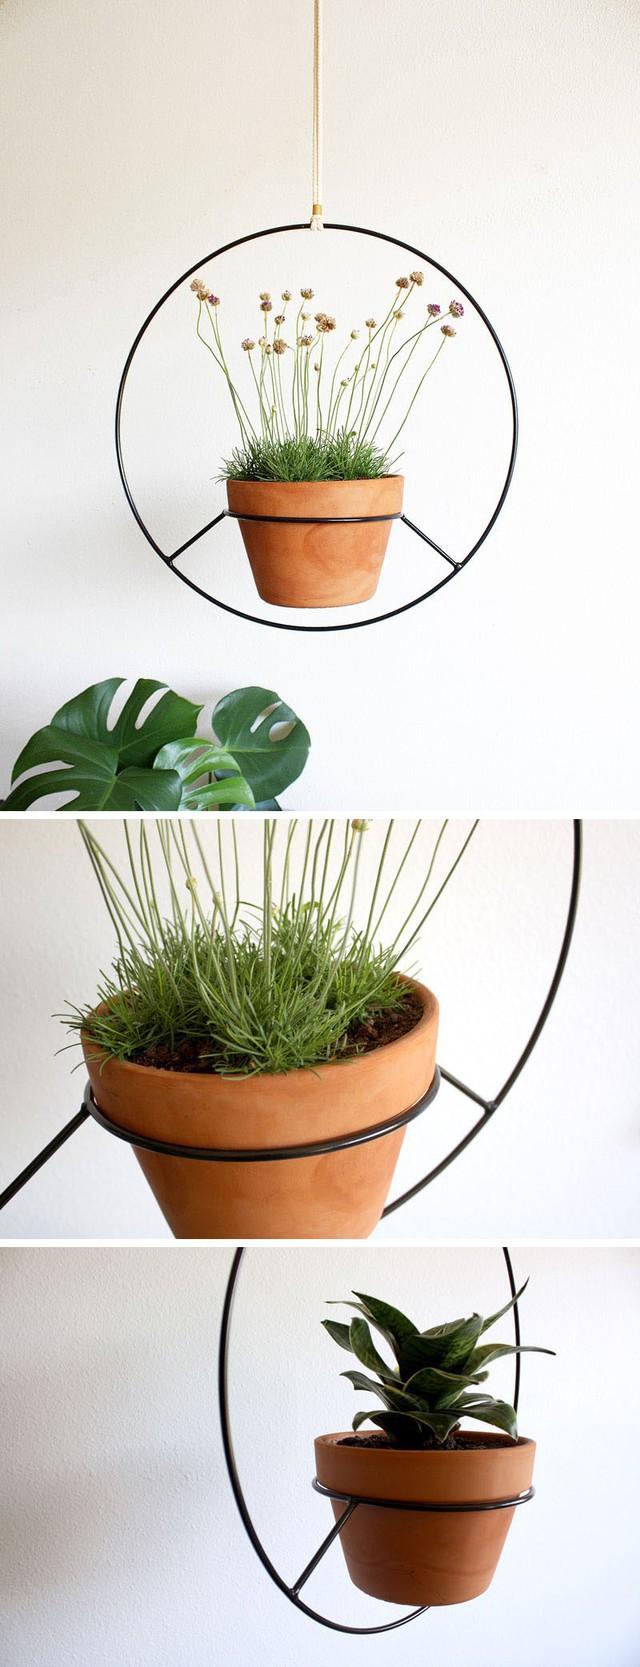 Sự kết hợp giữa mẫu chậu trồng cây quen thuộc với khung khung treo tường lại đem đến hiệu quả thẩm mỹ khiến bạn không khỏi bất ngờ.